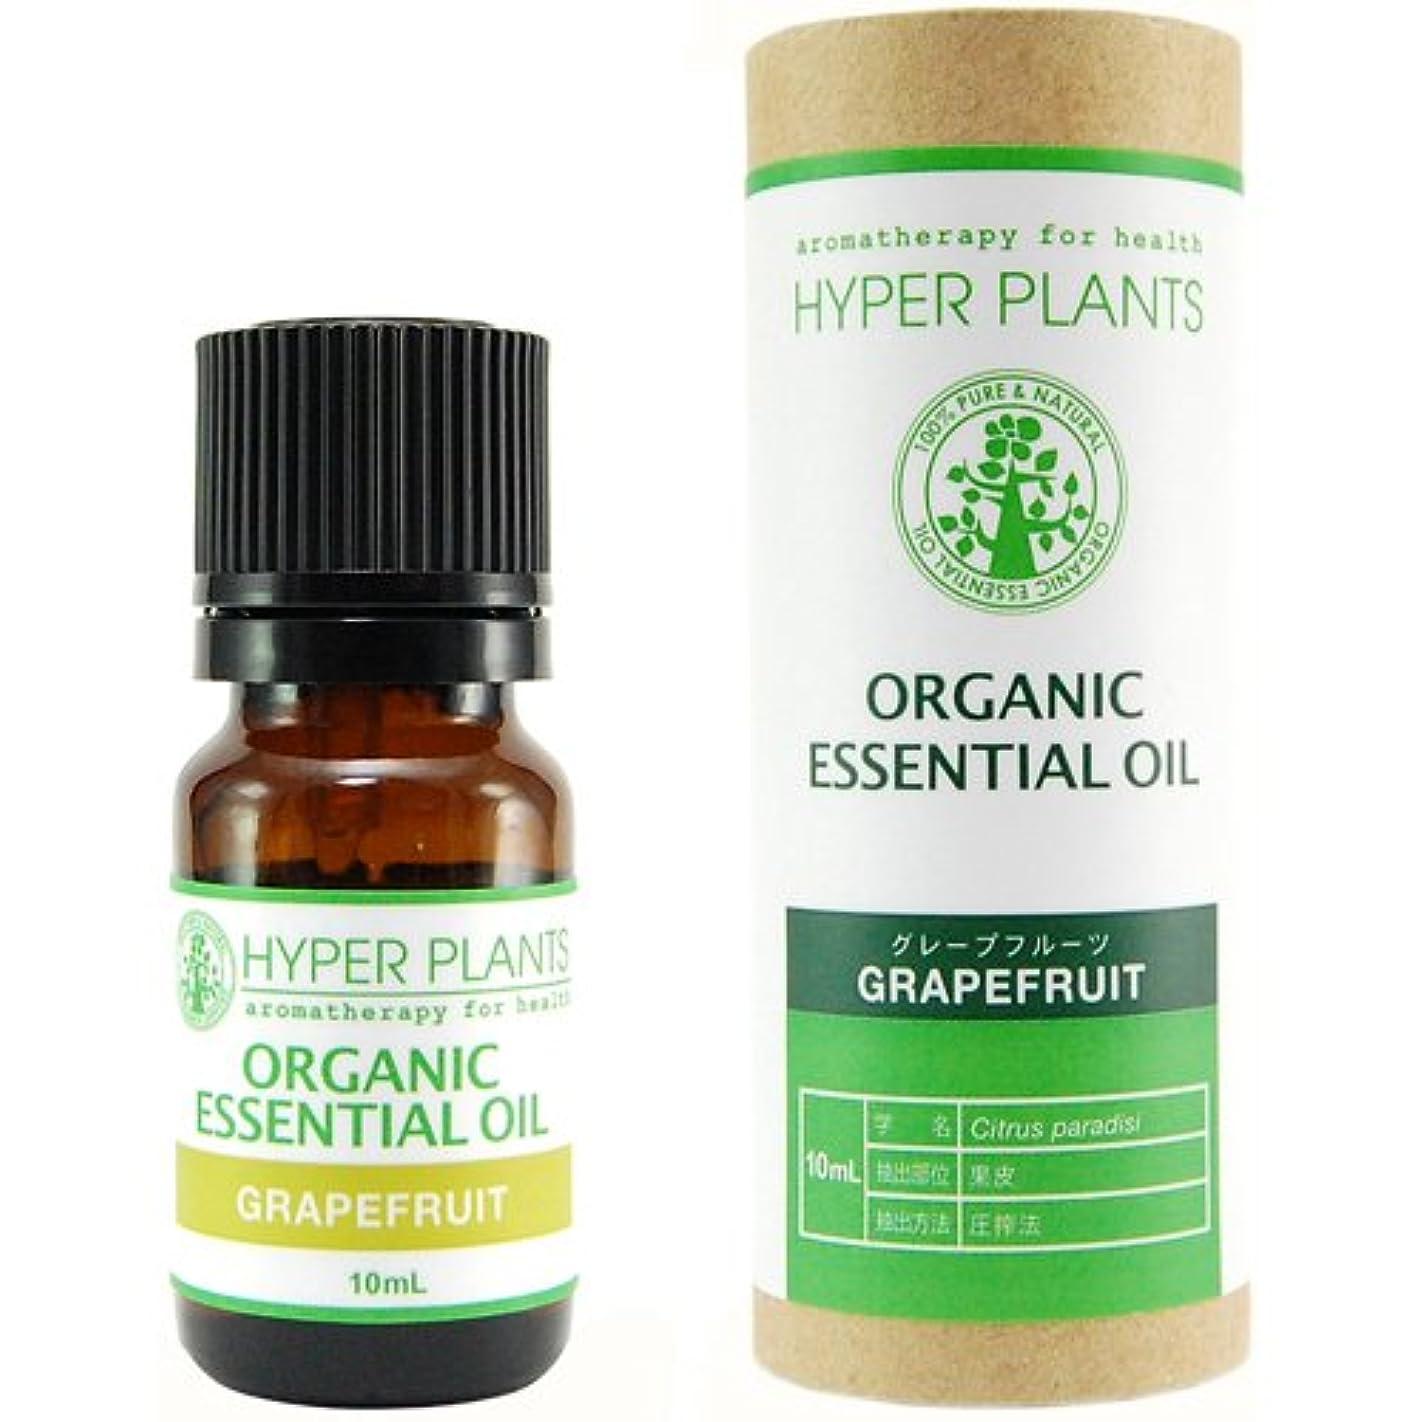 コイルショルダー突っ込むHYPER PLANTS ハイパープランツ オーガニックエッセンシャルオイル グレープフルーツ 10ml HE0210